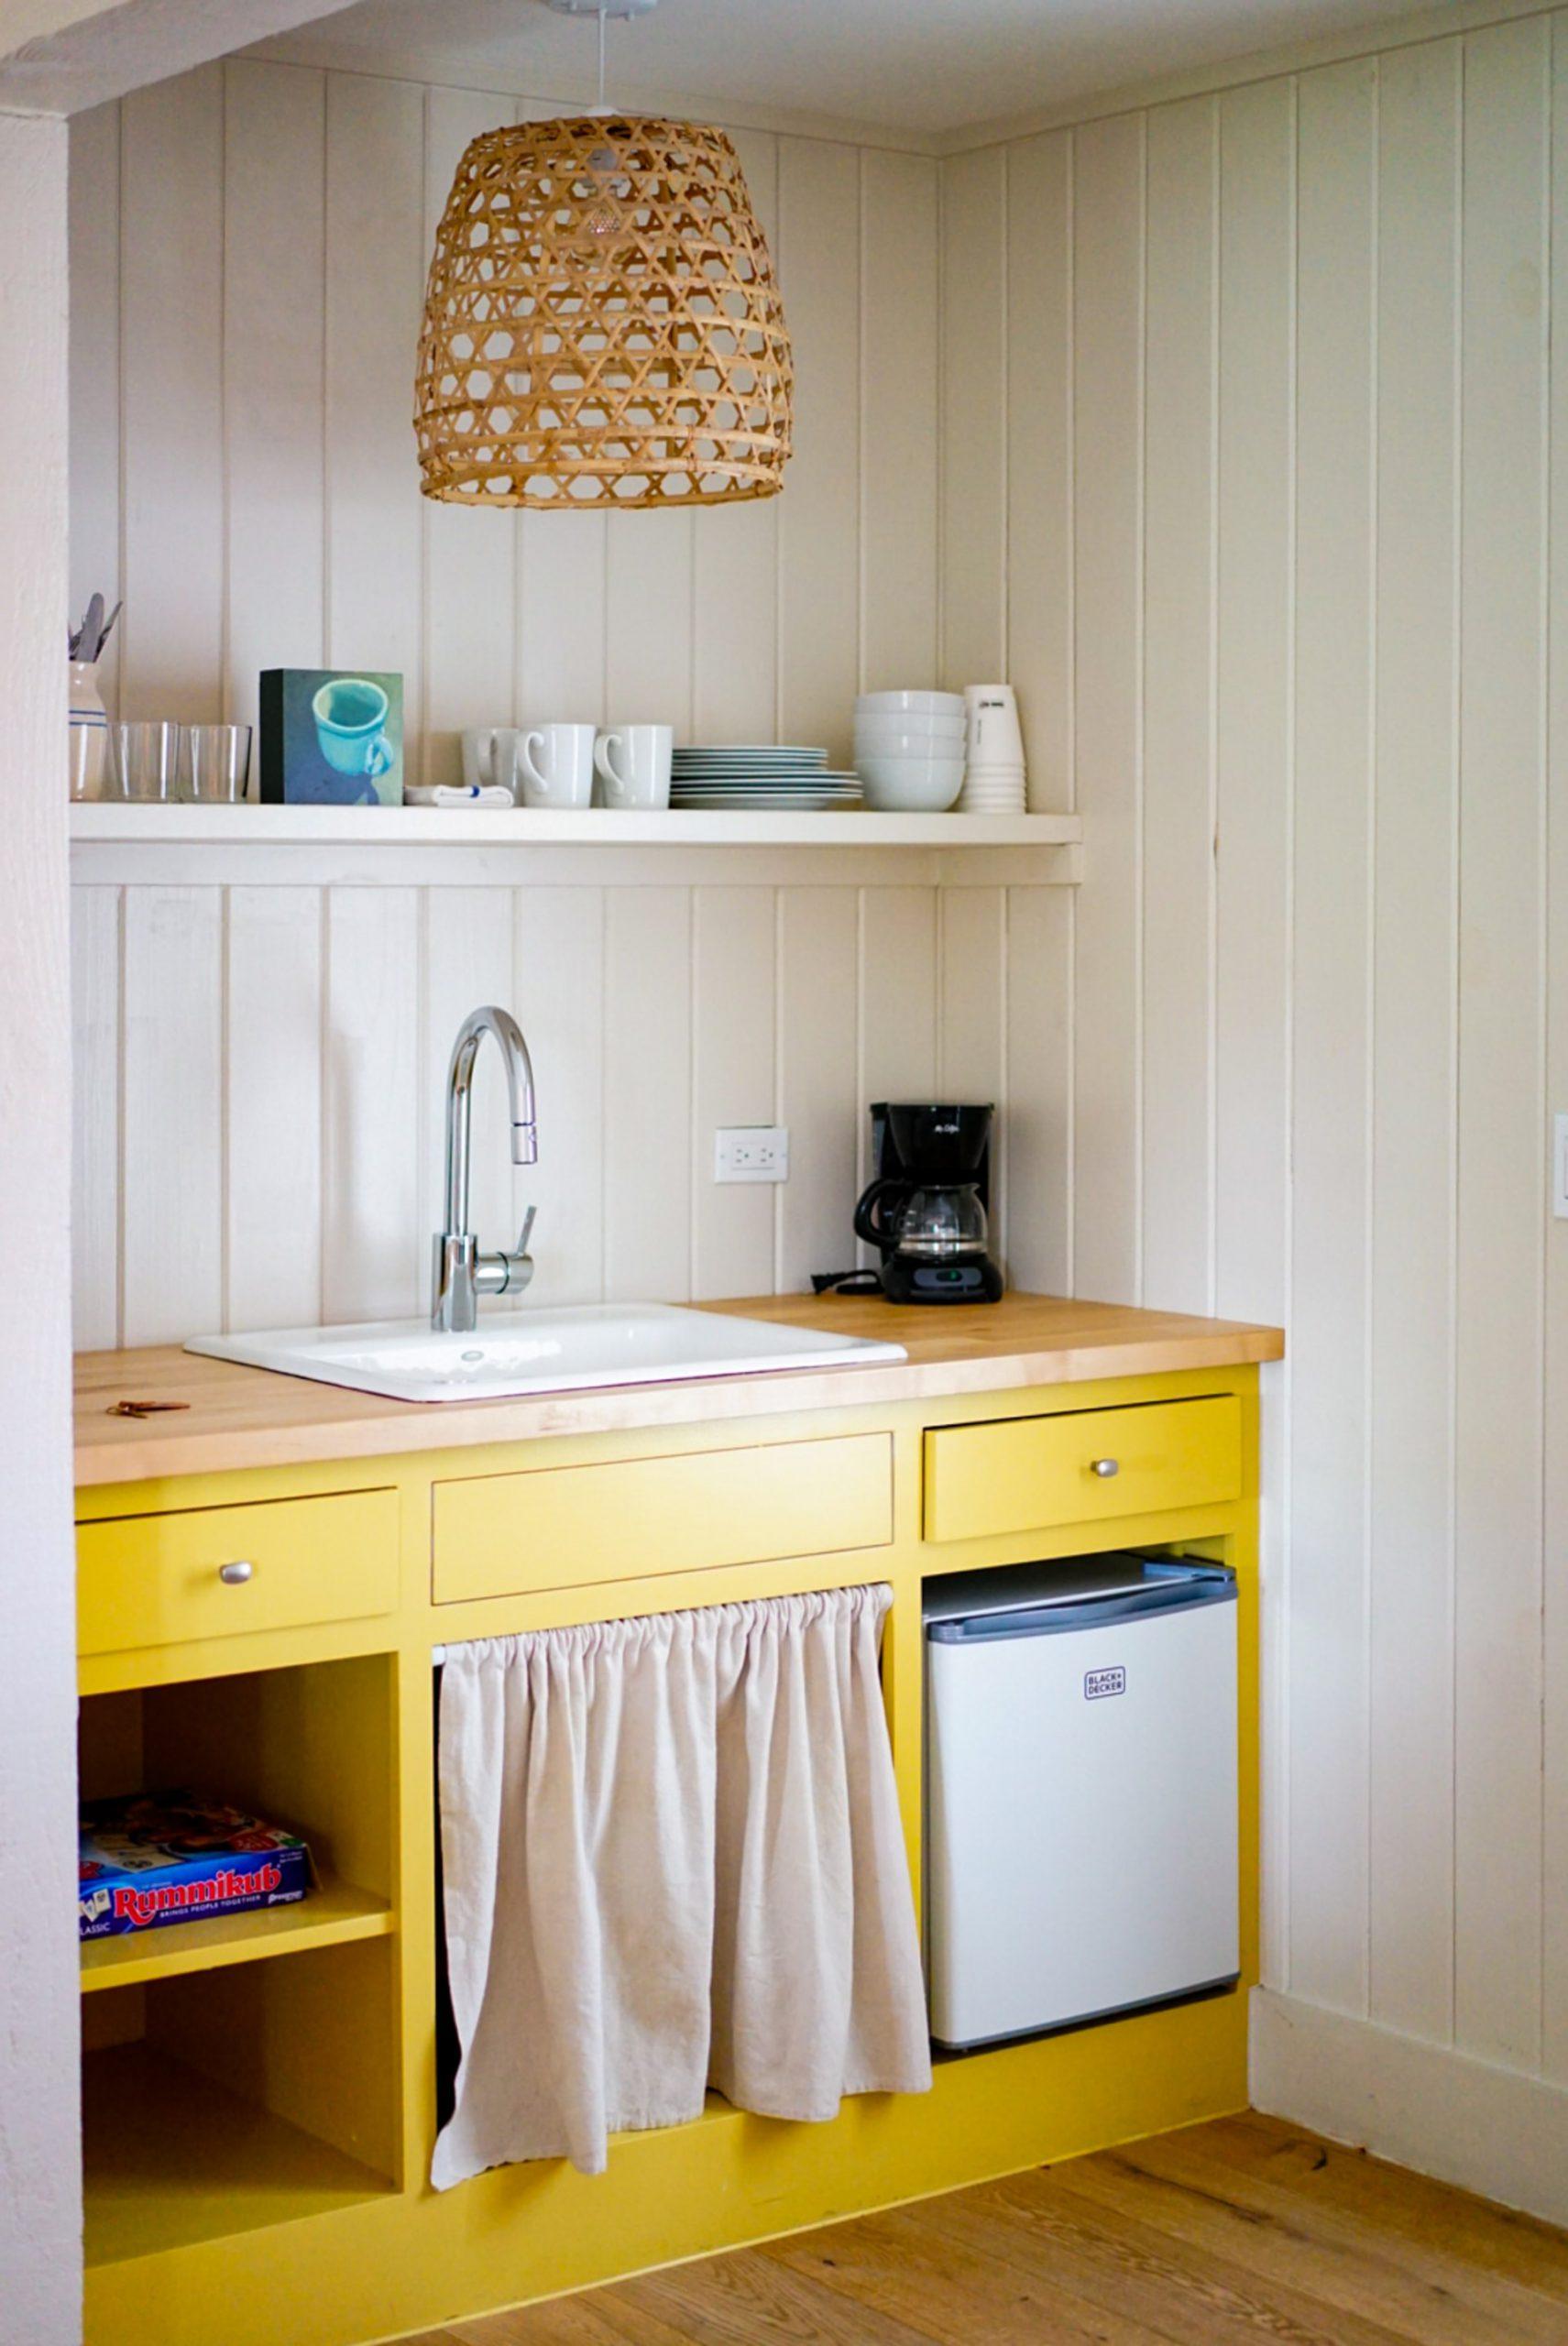 kleine keuken in het geel